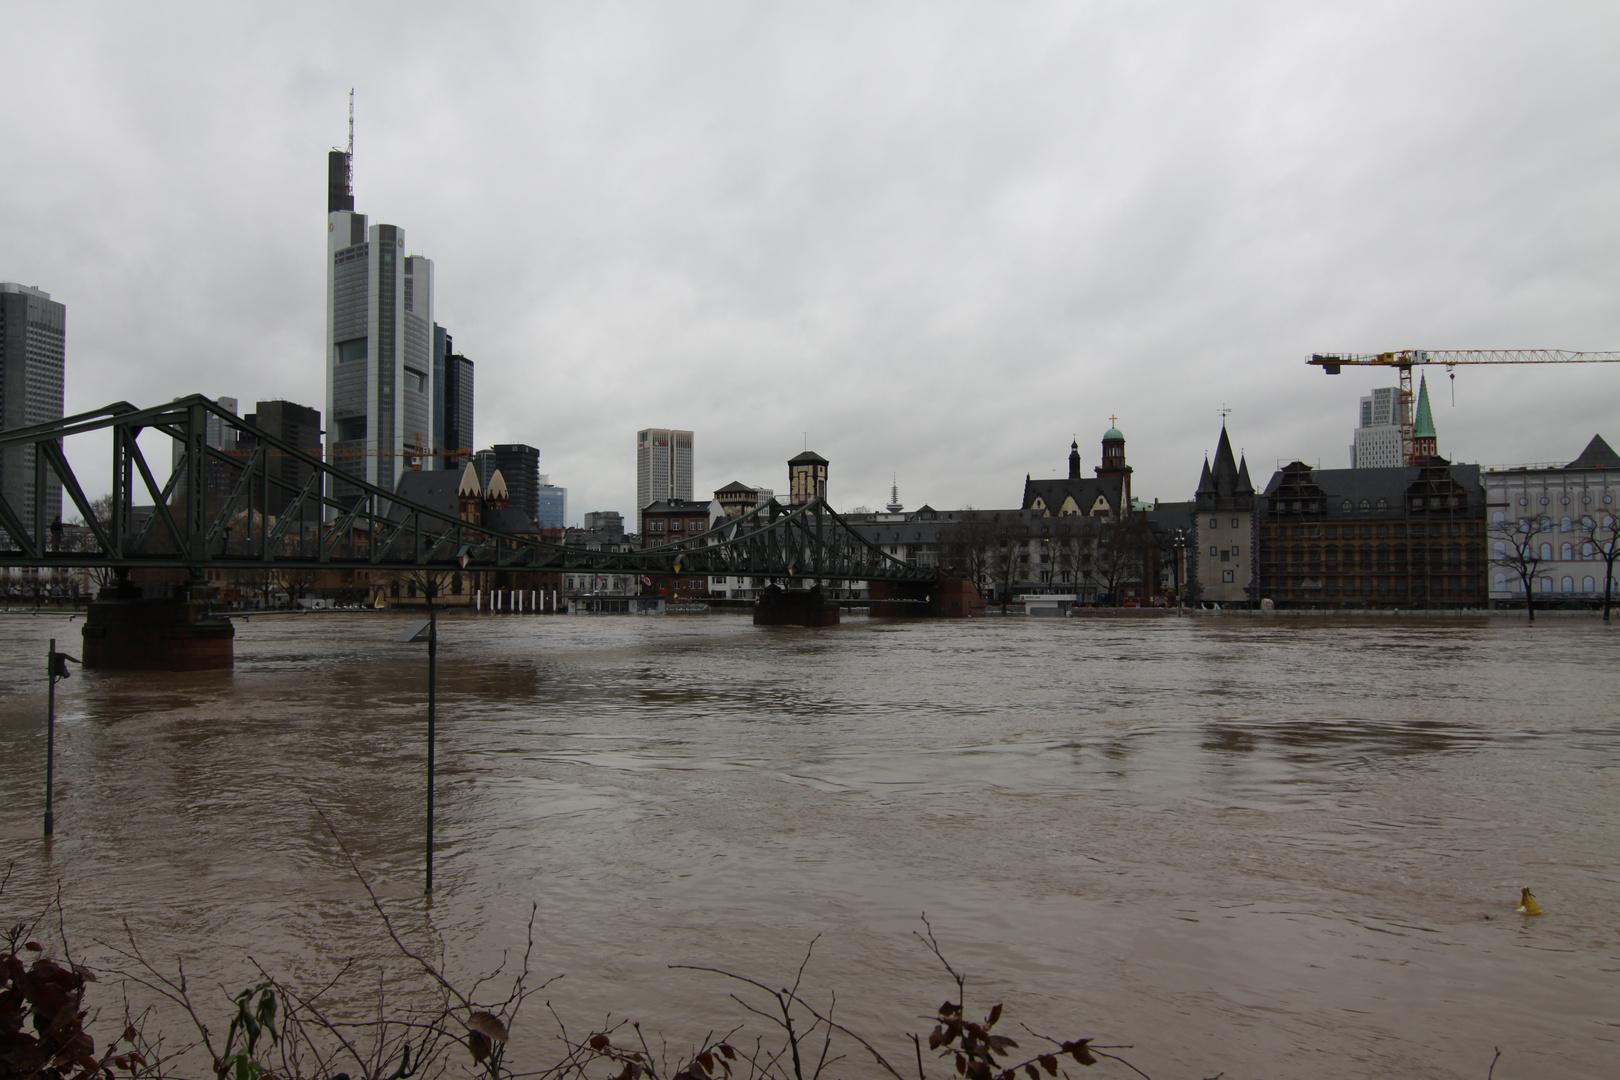 Hochwasser Eisernersteg in Frankfurt am (im) Main